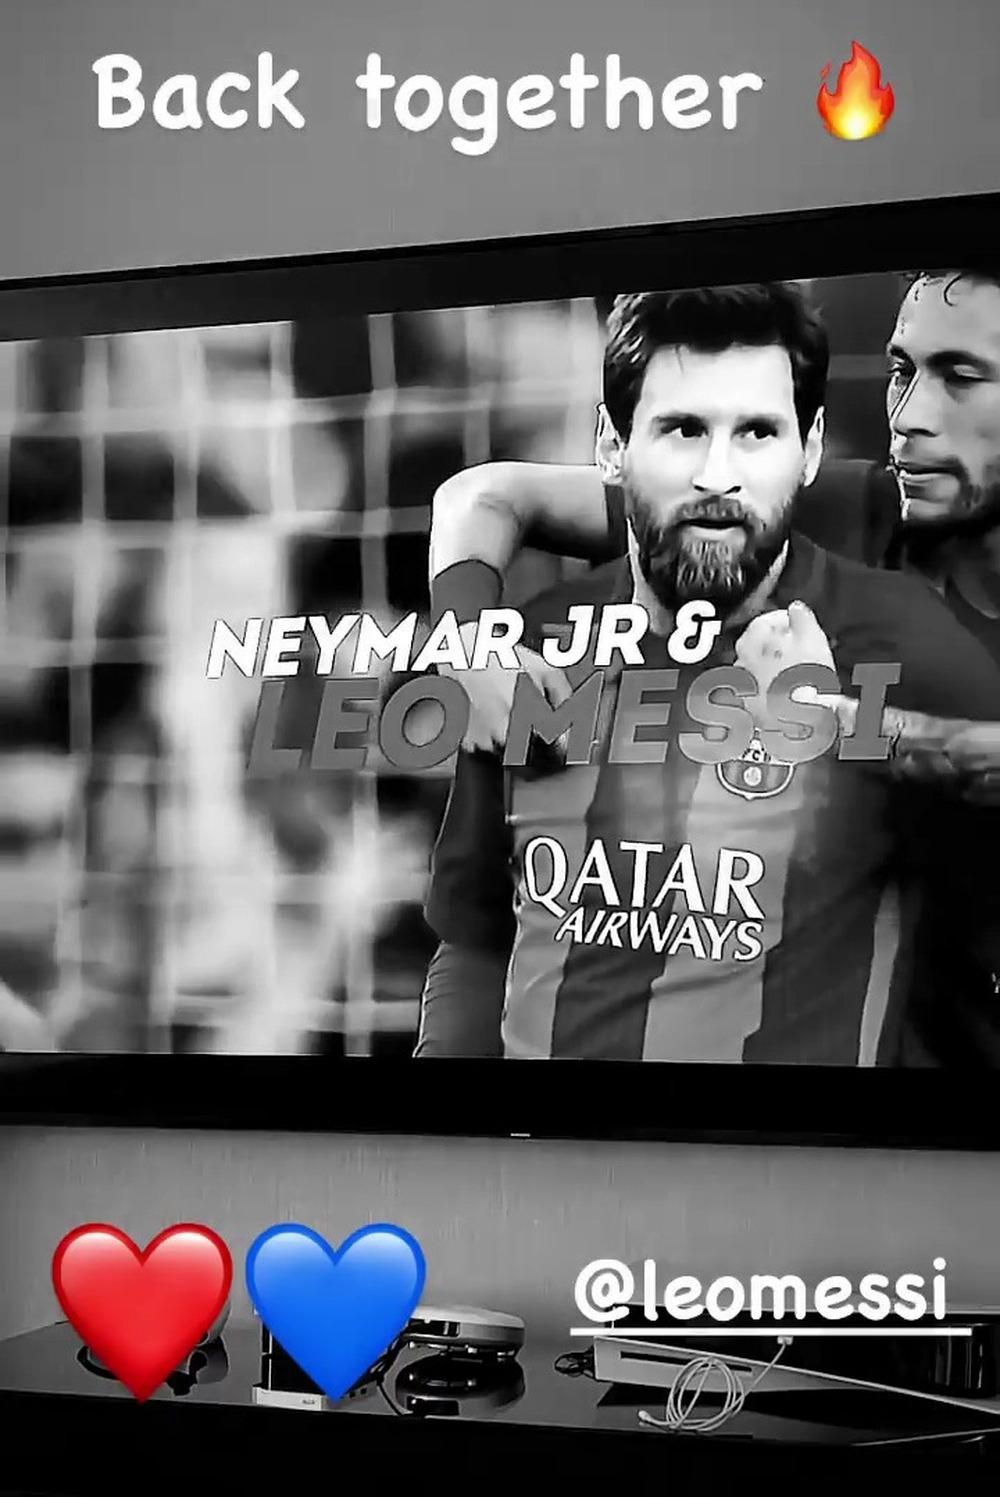 TRỰC TIẾP: Messi chính thức trở thành người PSG, hưởng lương khủng - Ảnh 20.